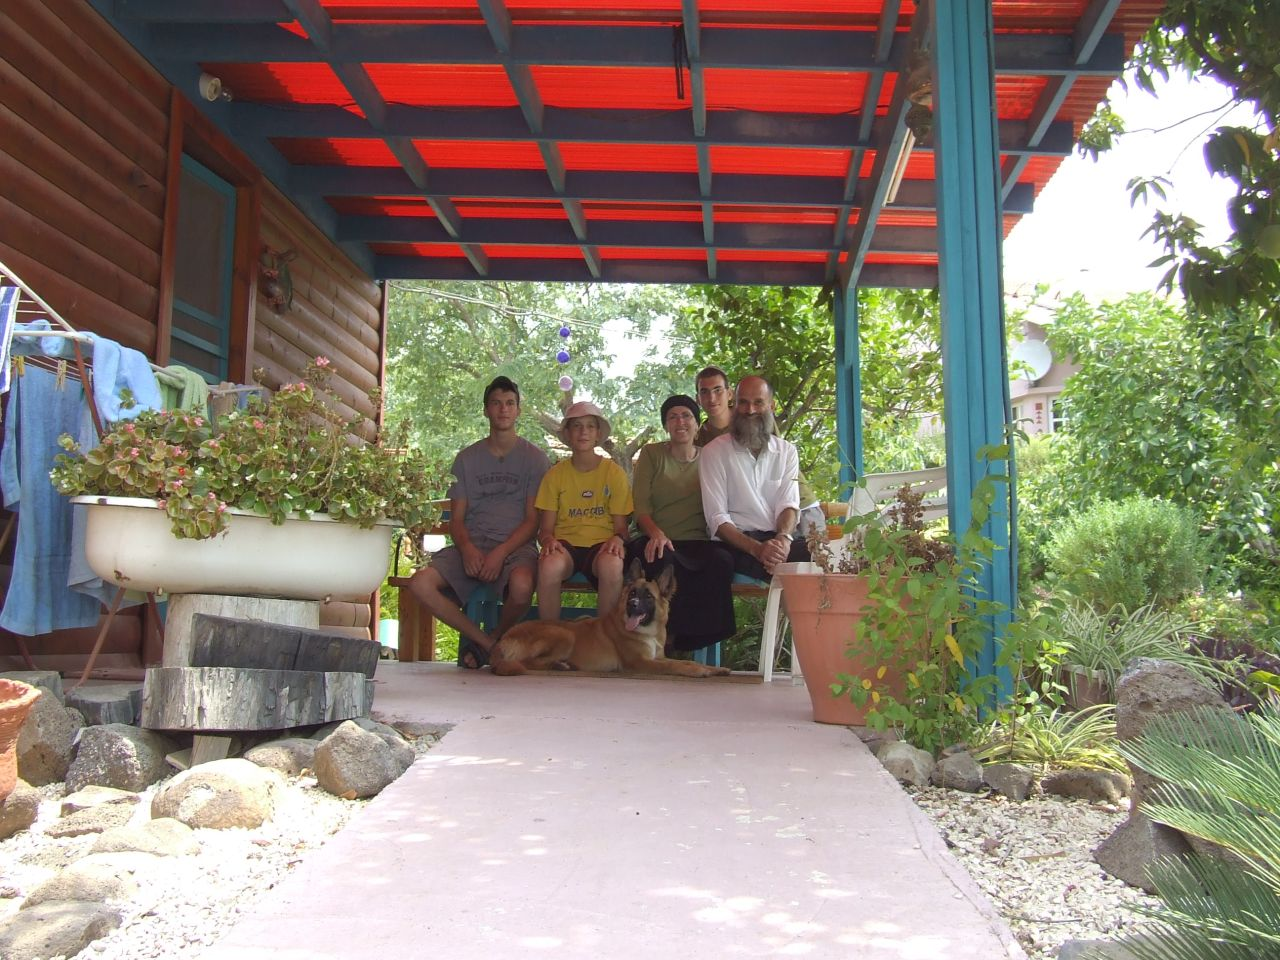 קיץ תשסז חופשה משפחתית בחד נס